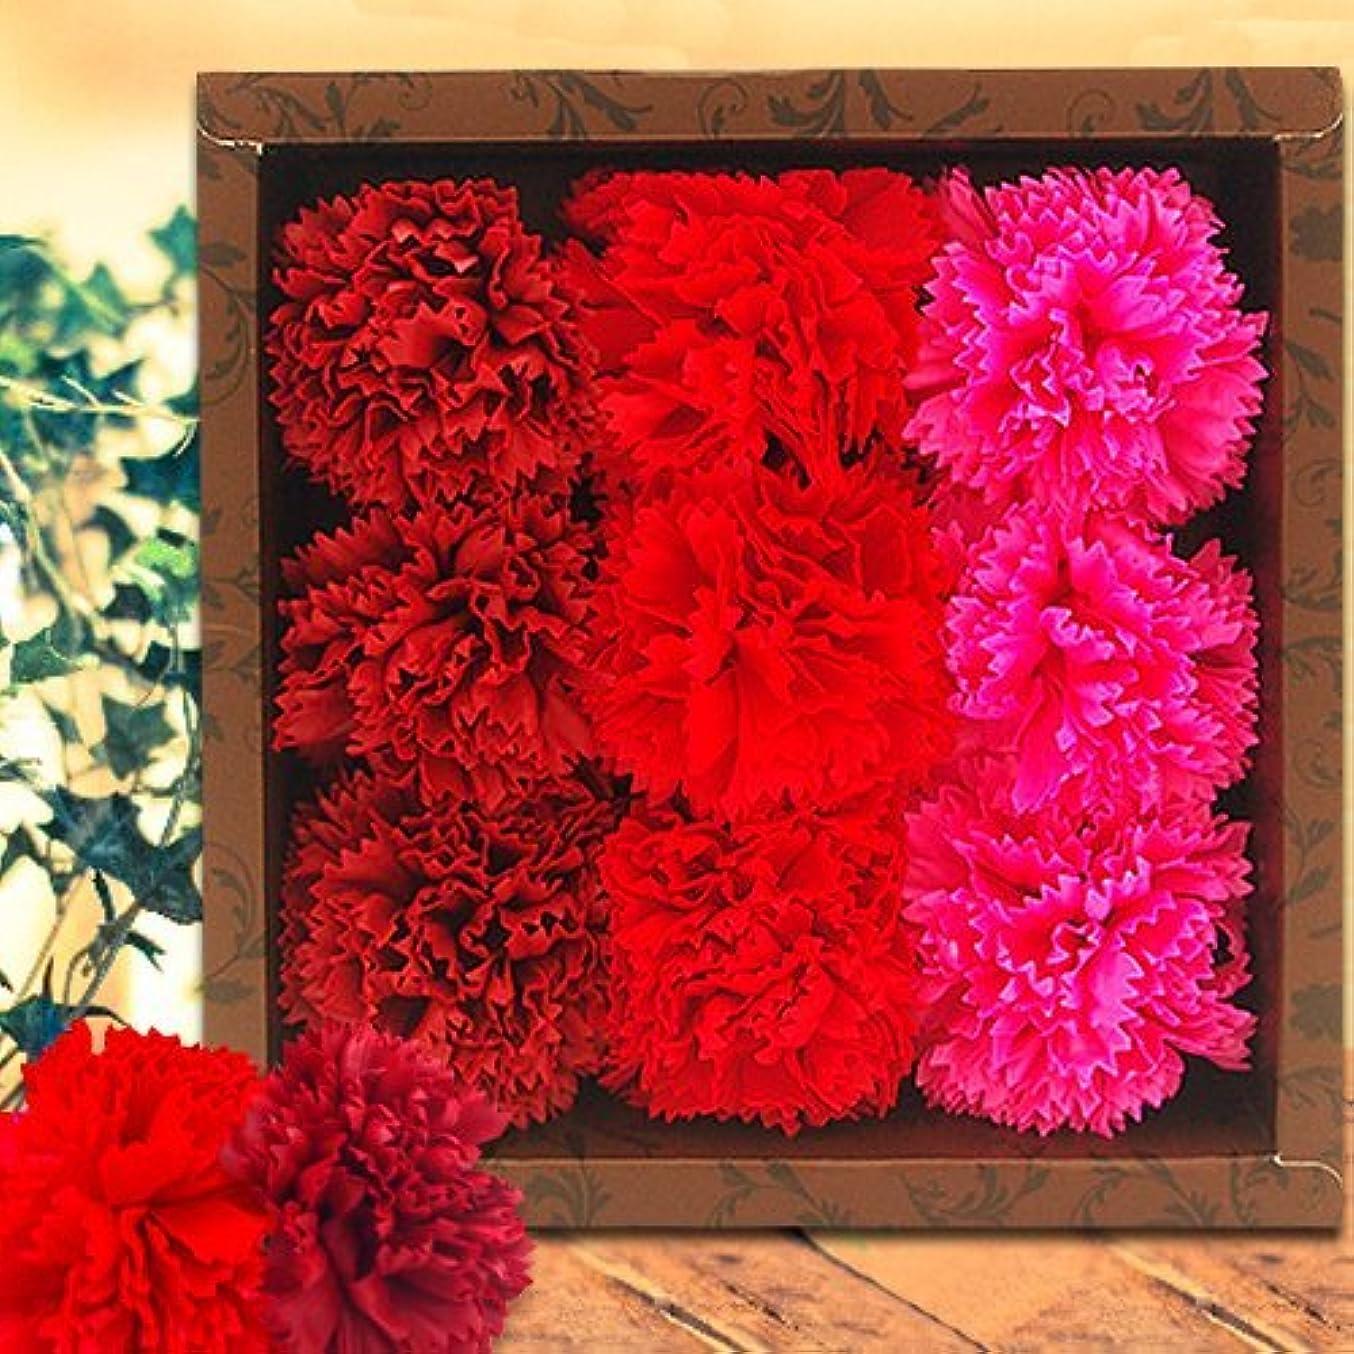 インストールベンチャー会議フラワーフレグランス(Carnation/Red)